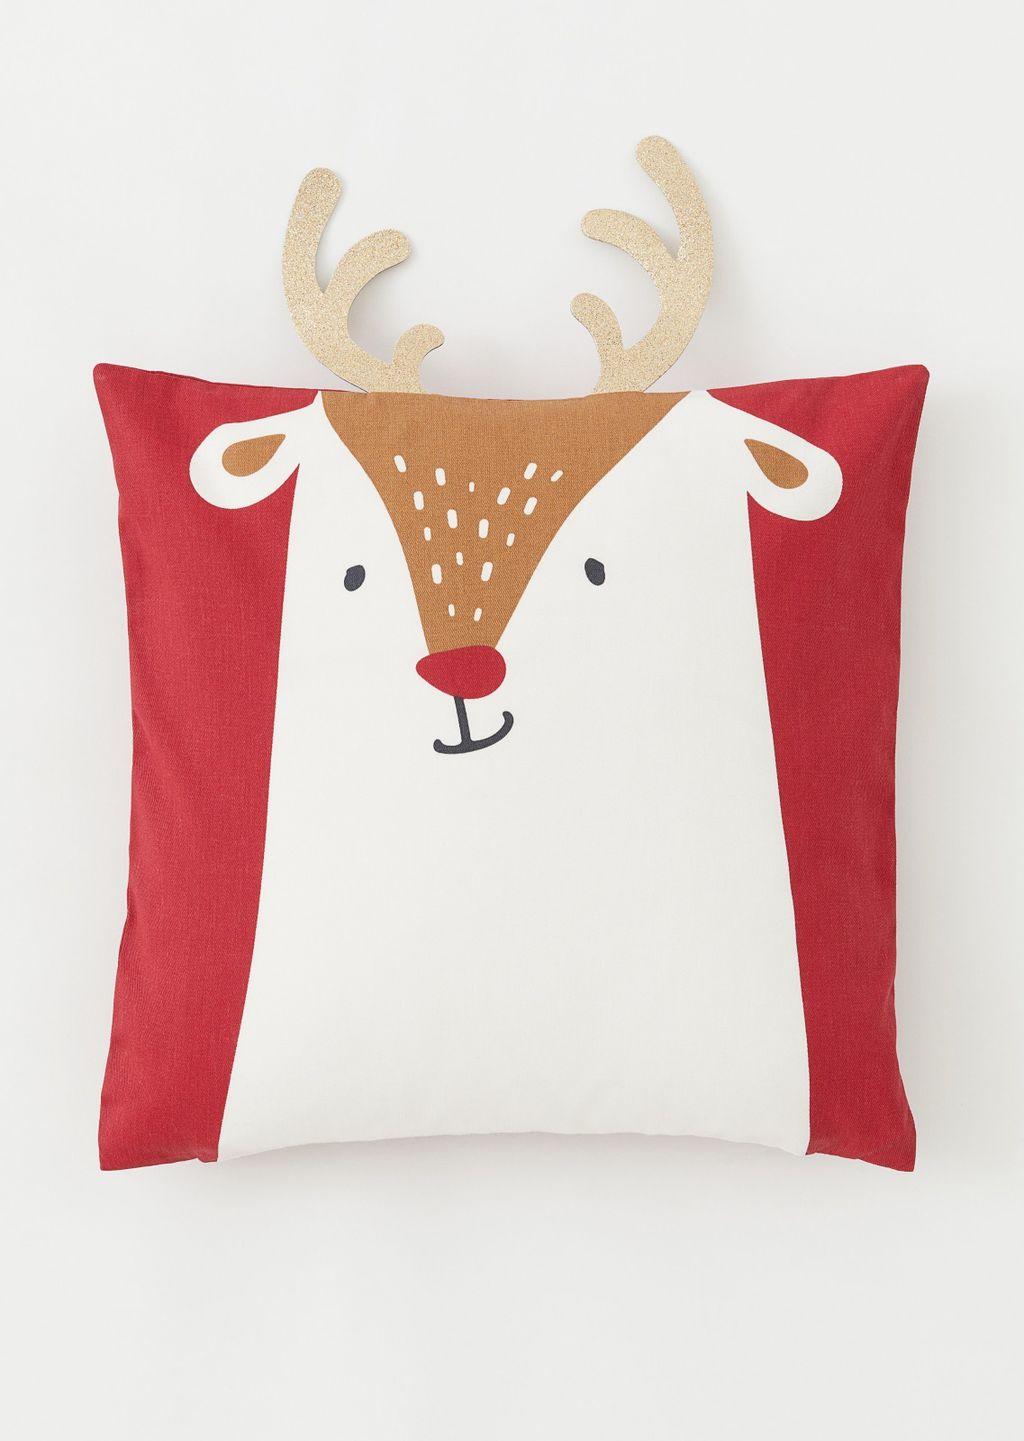 Flafaste i božićne jastučnice iz trgovine H&M Home - 2